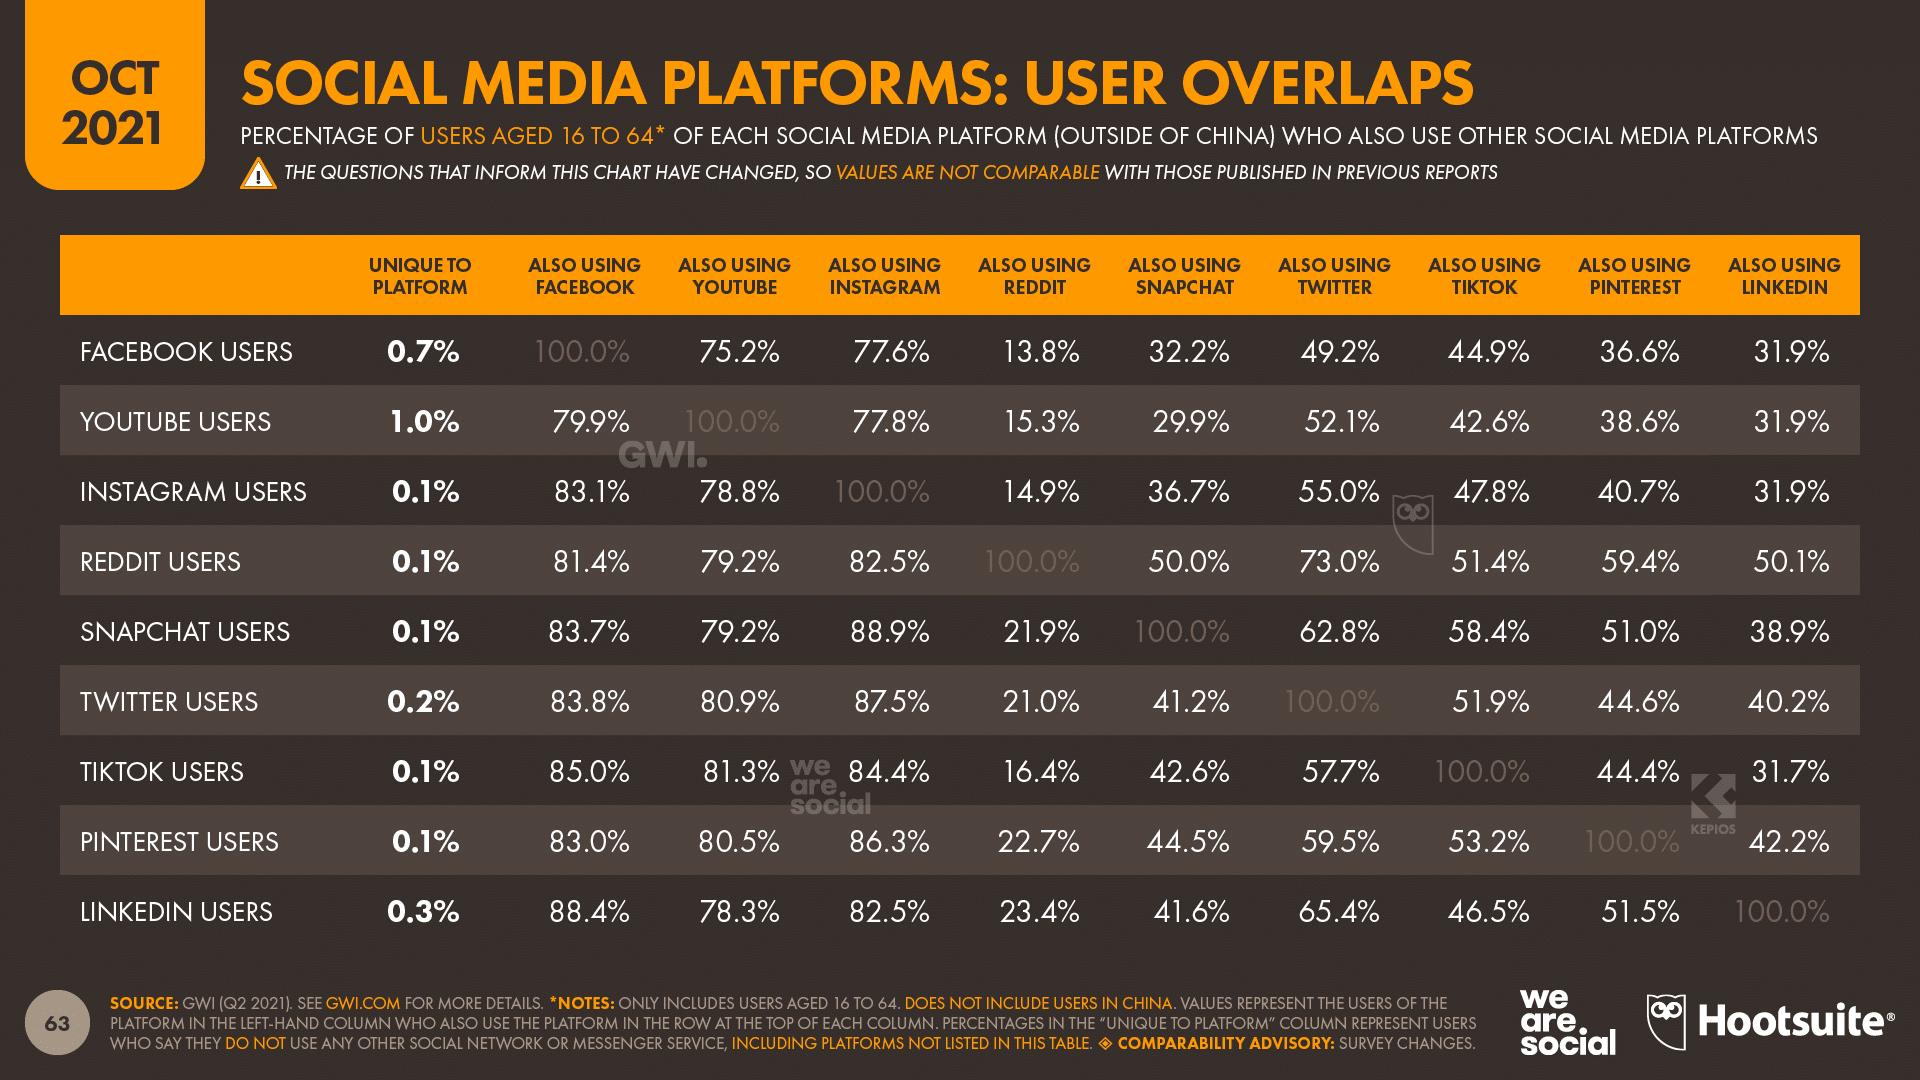 chart showing User Overlaps for Social Media Platforms